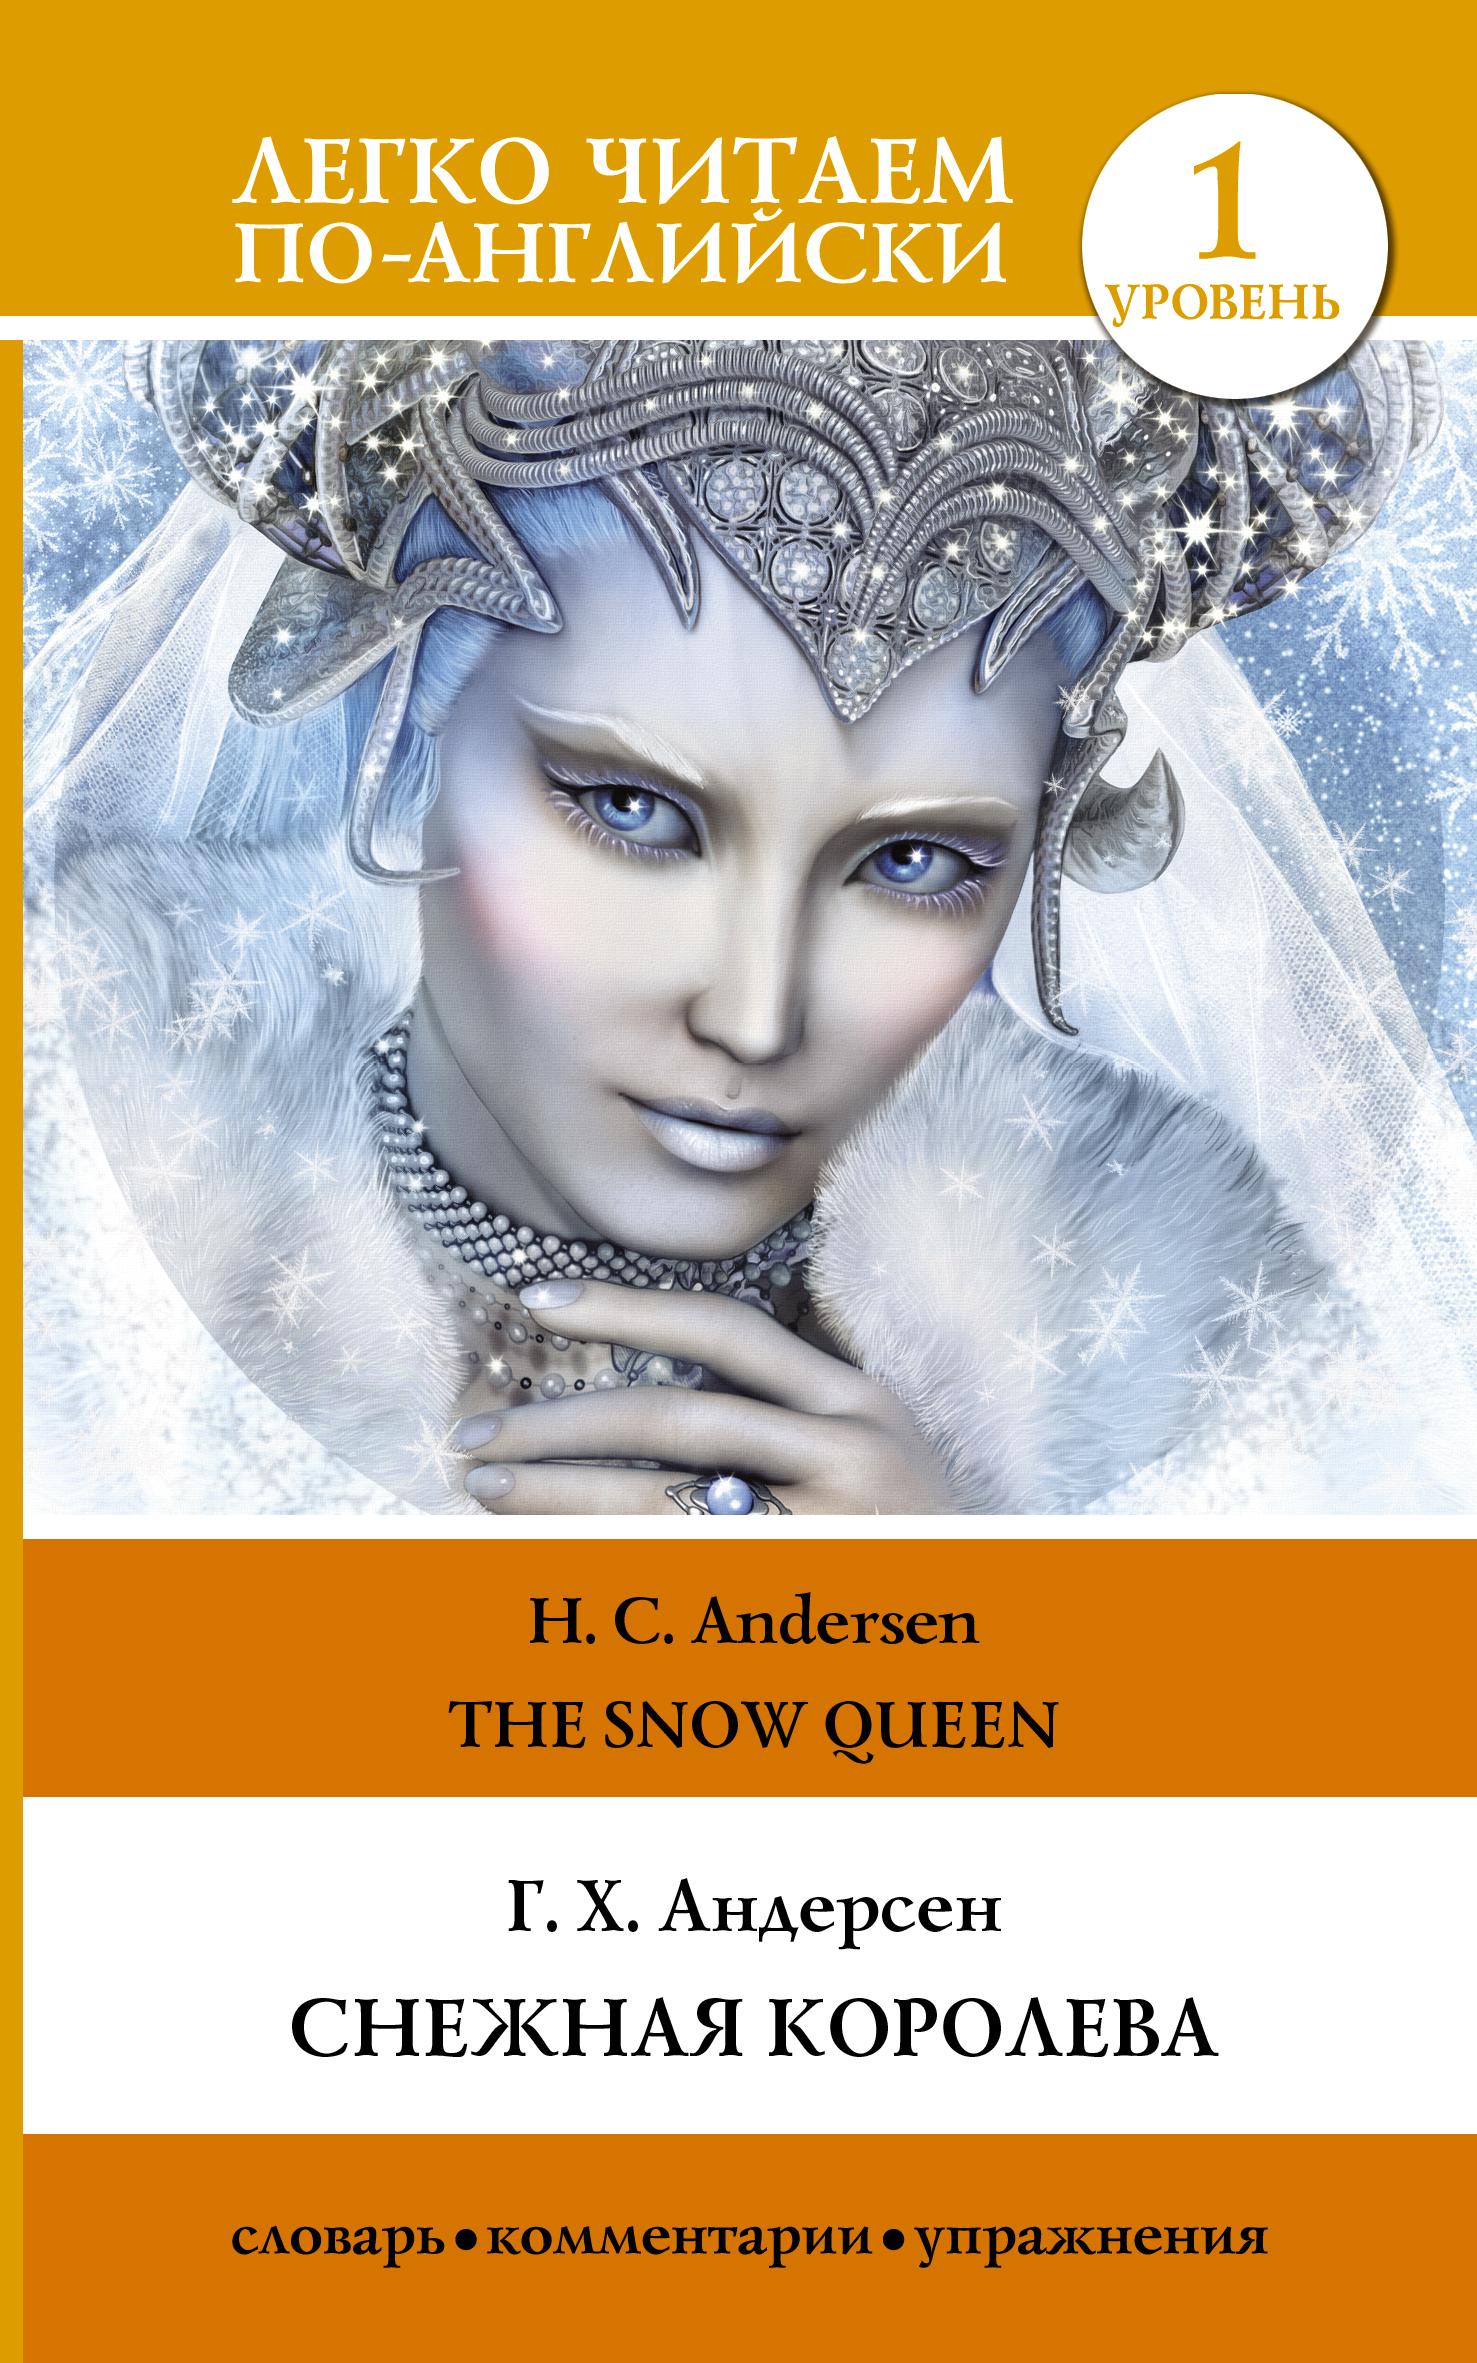 Г. Х. Андерсен Снежная королева. Уровень 1 экранизация андерсен х снежная королева соловей старая старая сказка 3 dvd